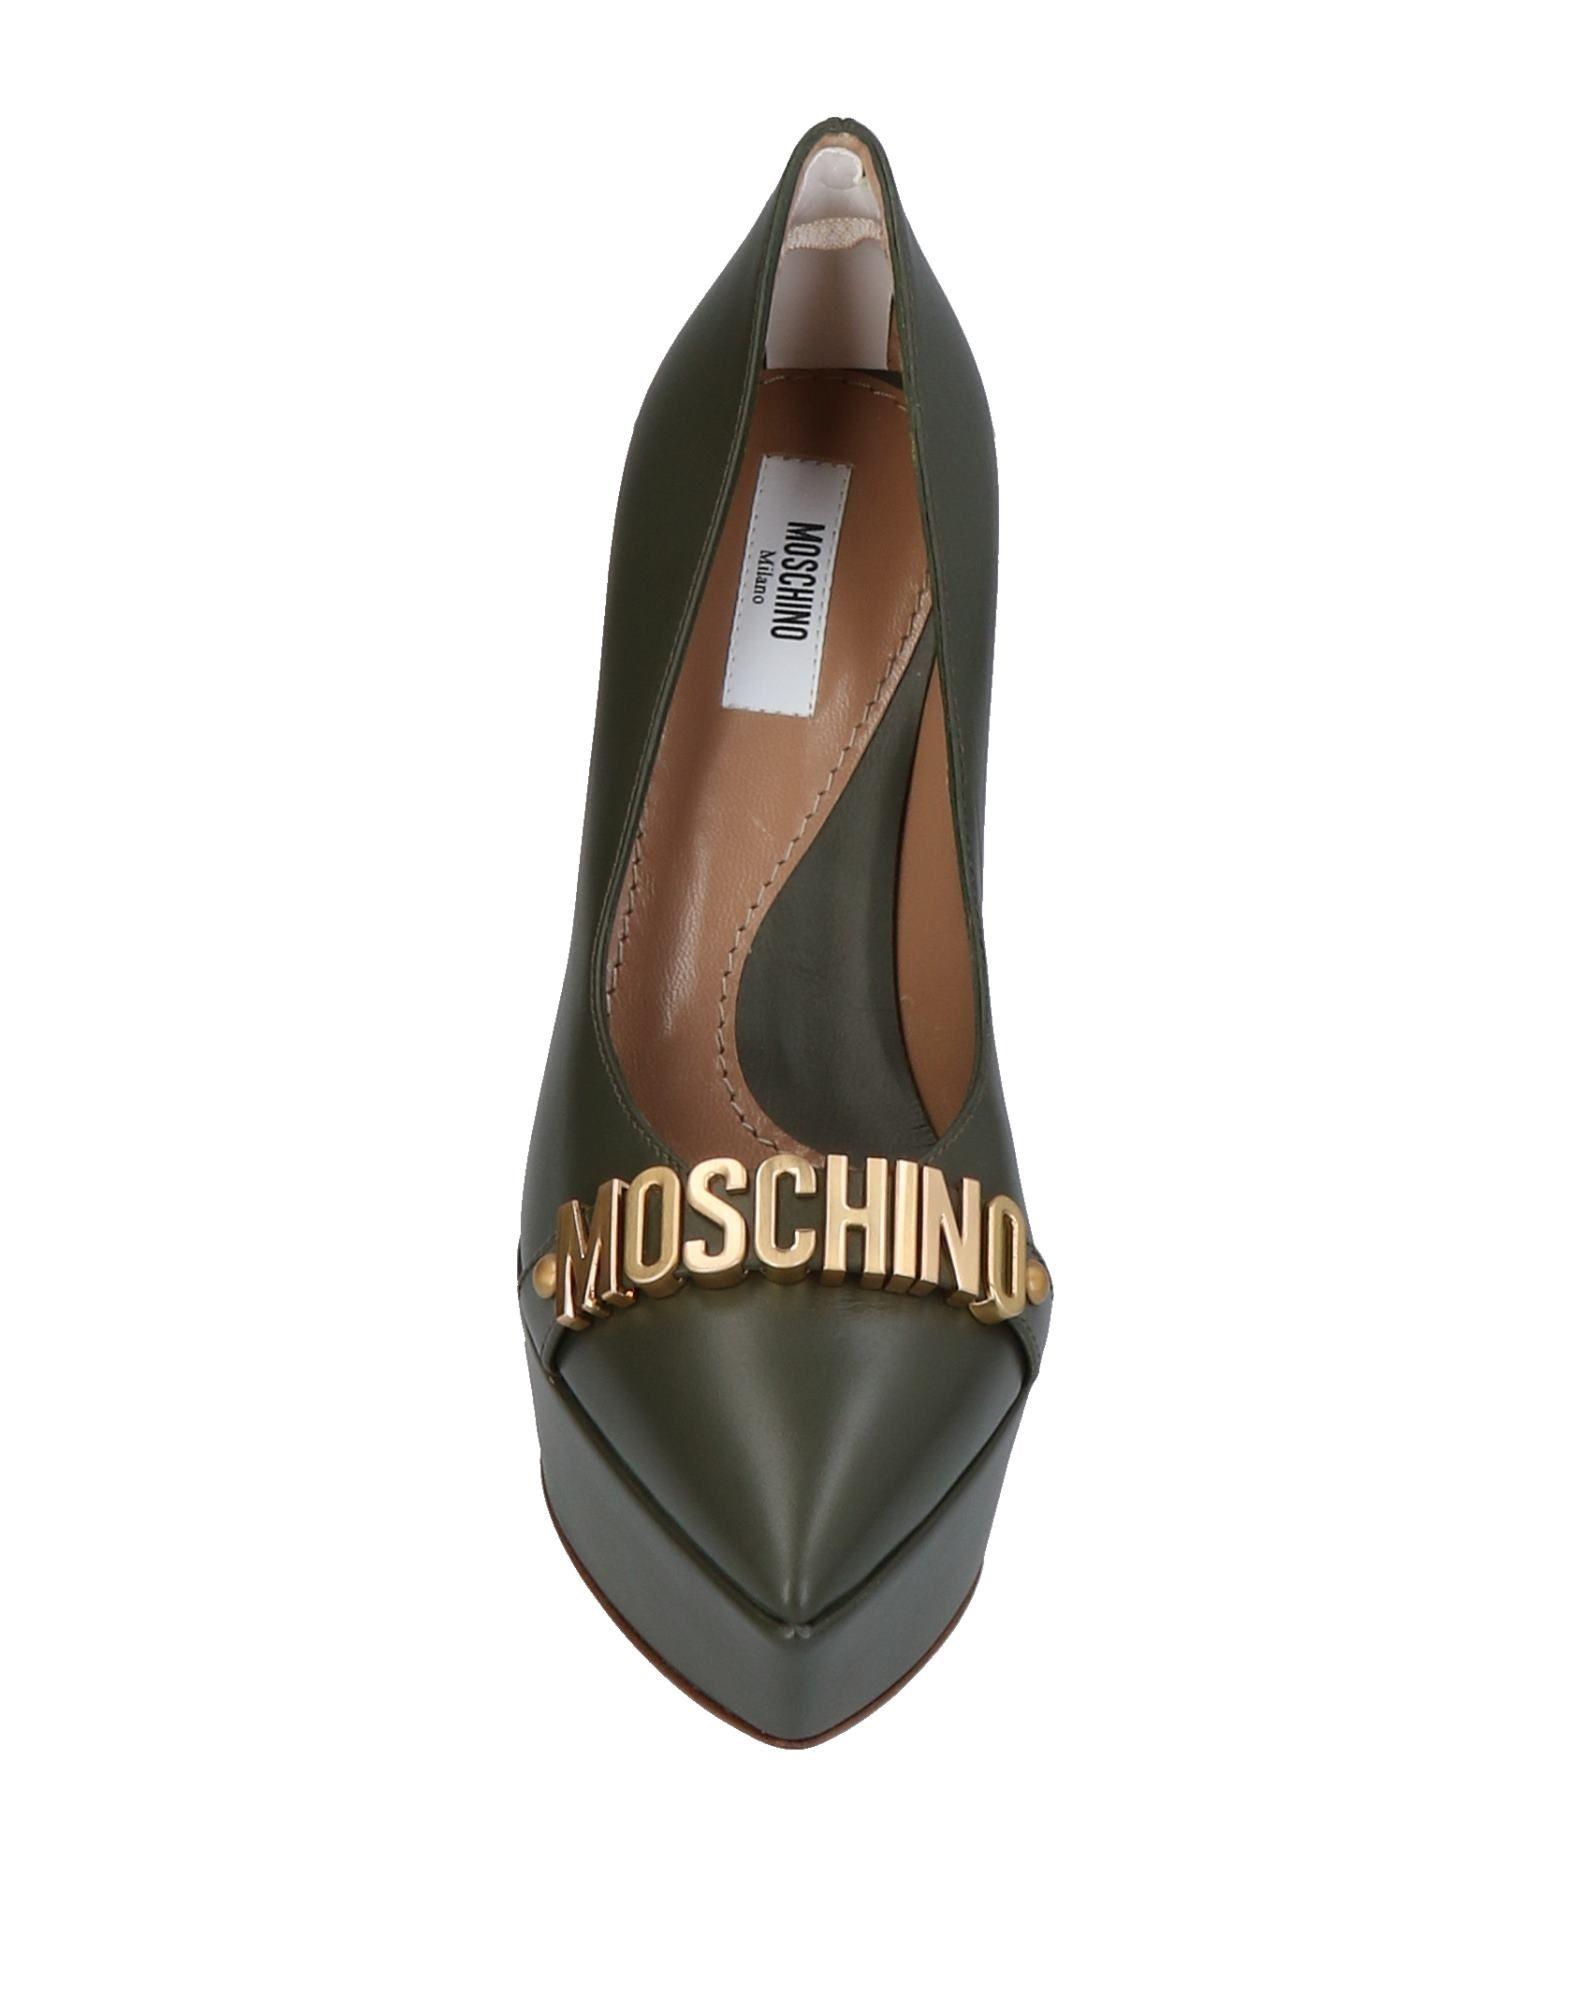 Rabatt Schuhe 11451084LH Moschino Pumps Damen  11451084LH Schuhe cb1c8a